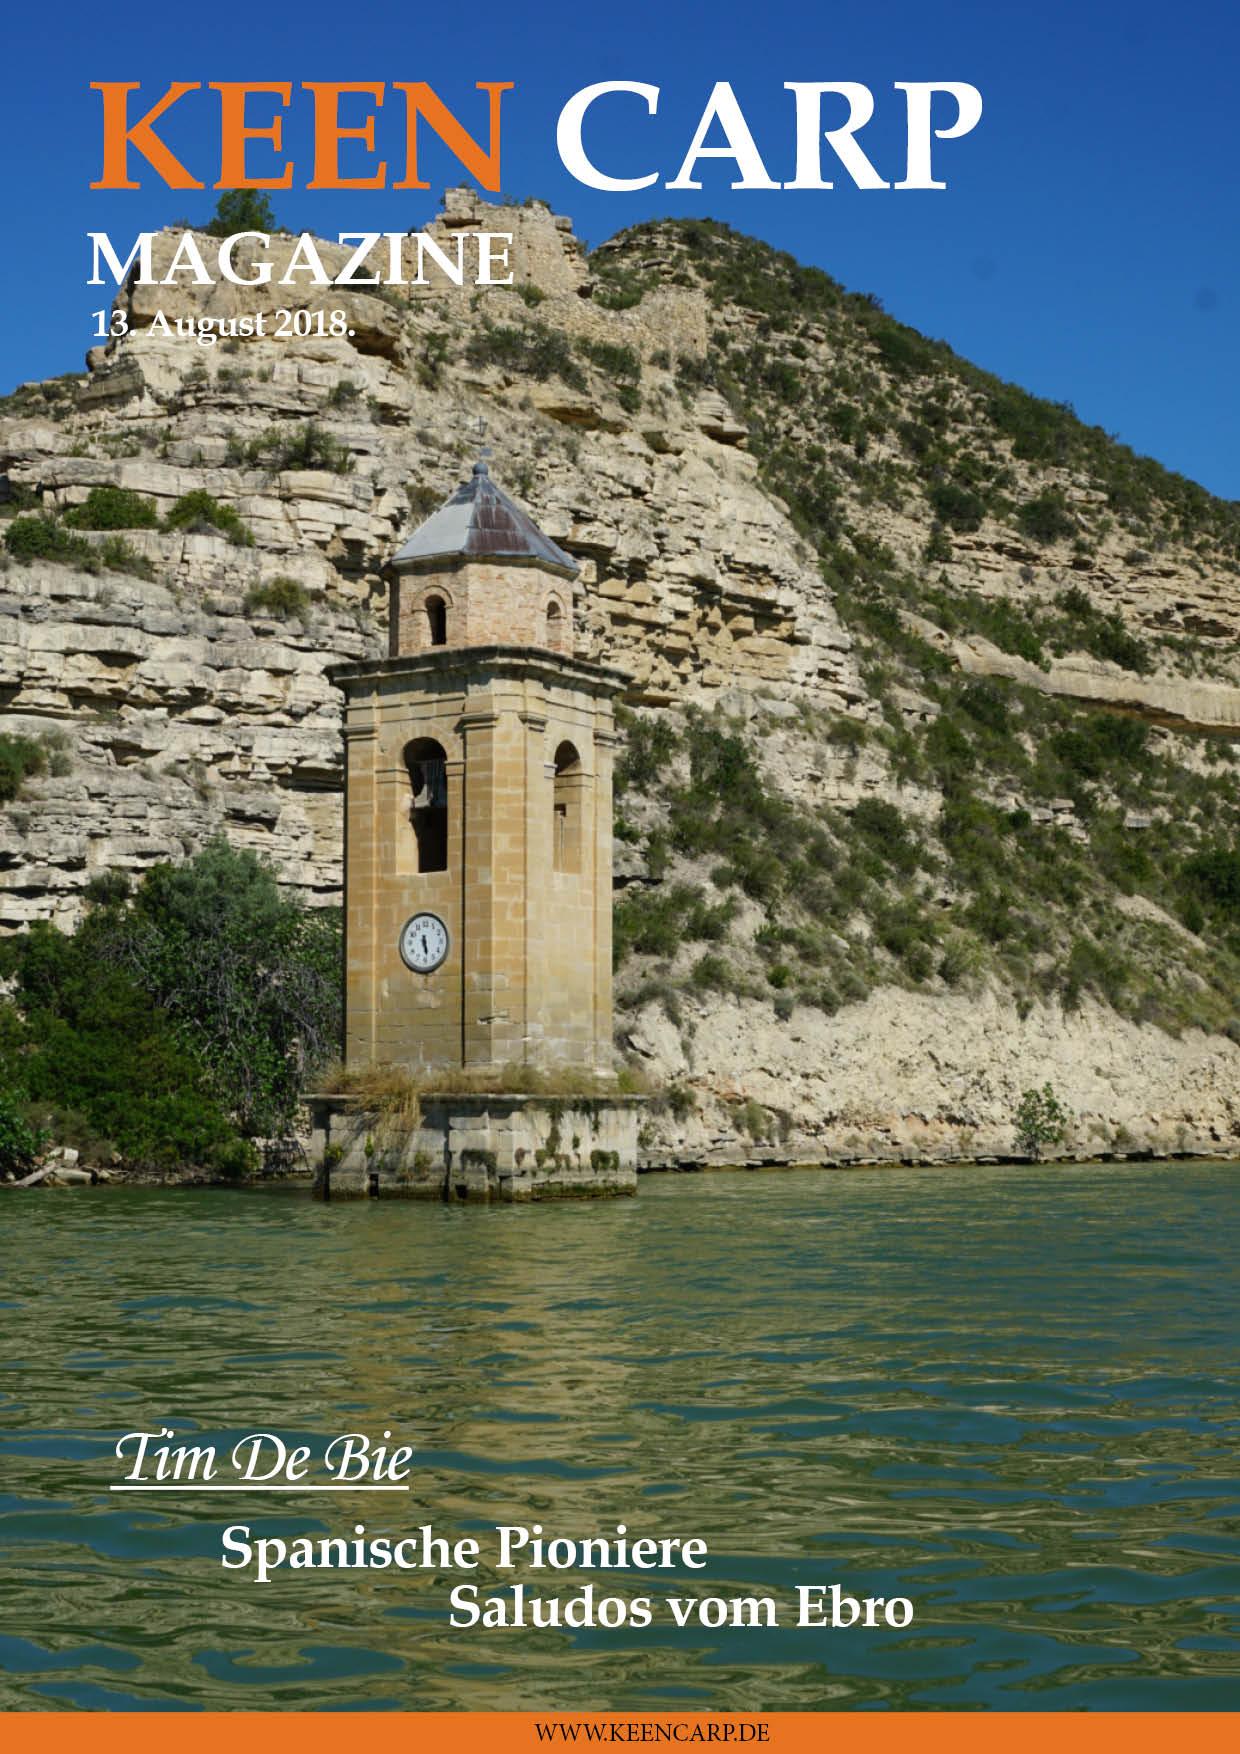 Spanische Pioniere - Saludos vom Ebro